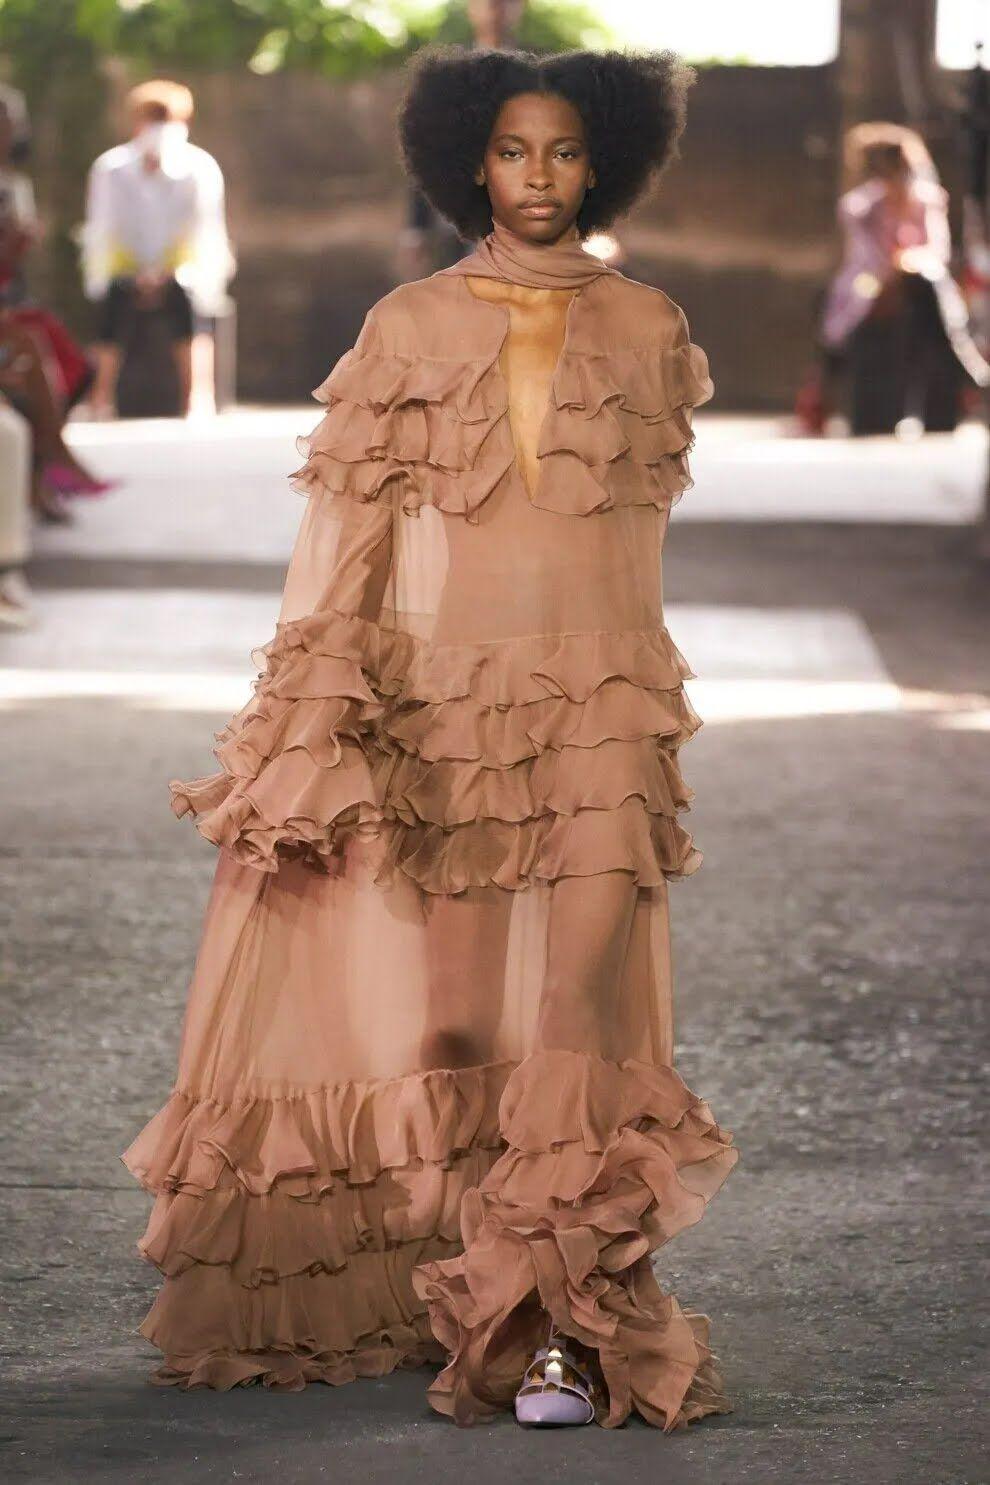 Також у тренді влітку 2021 будуть нюдові сукні